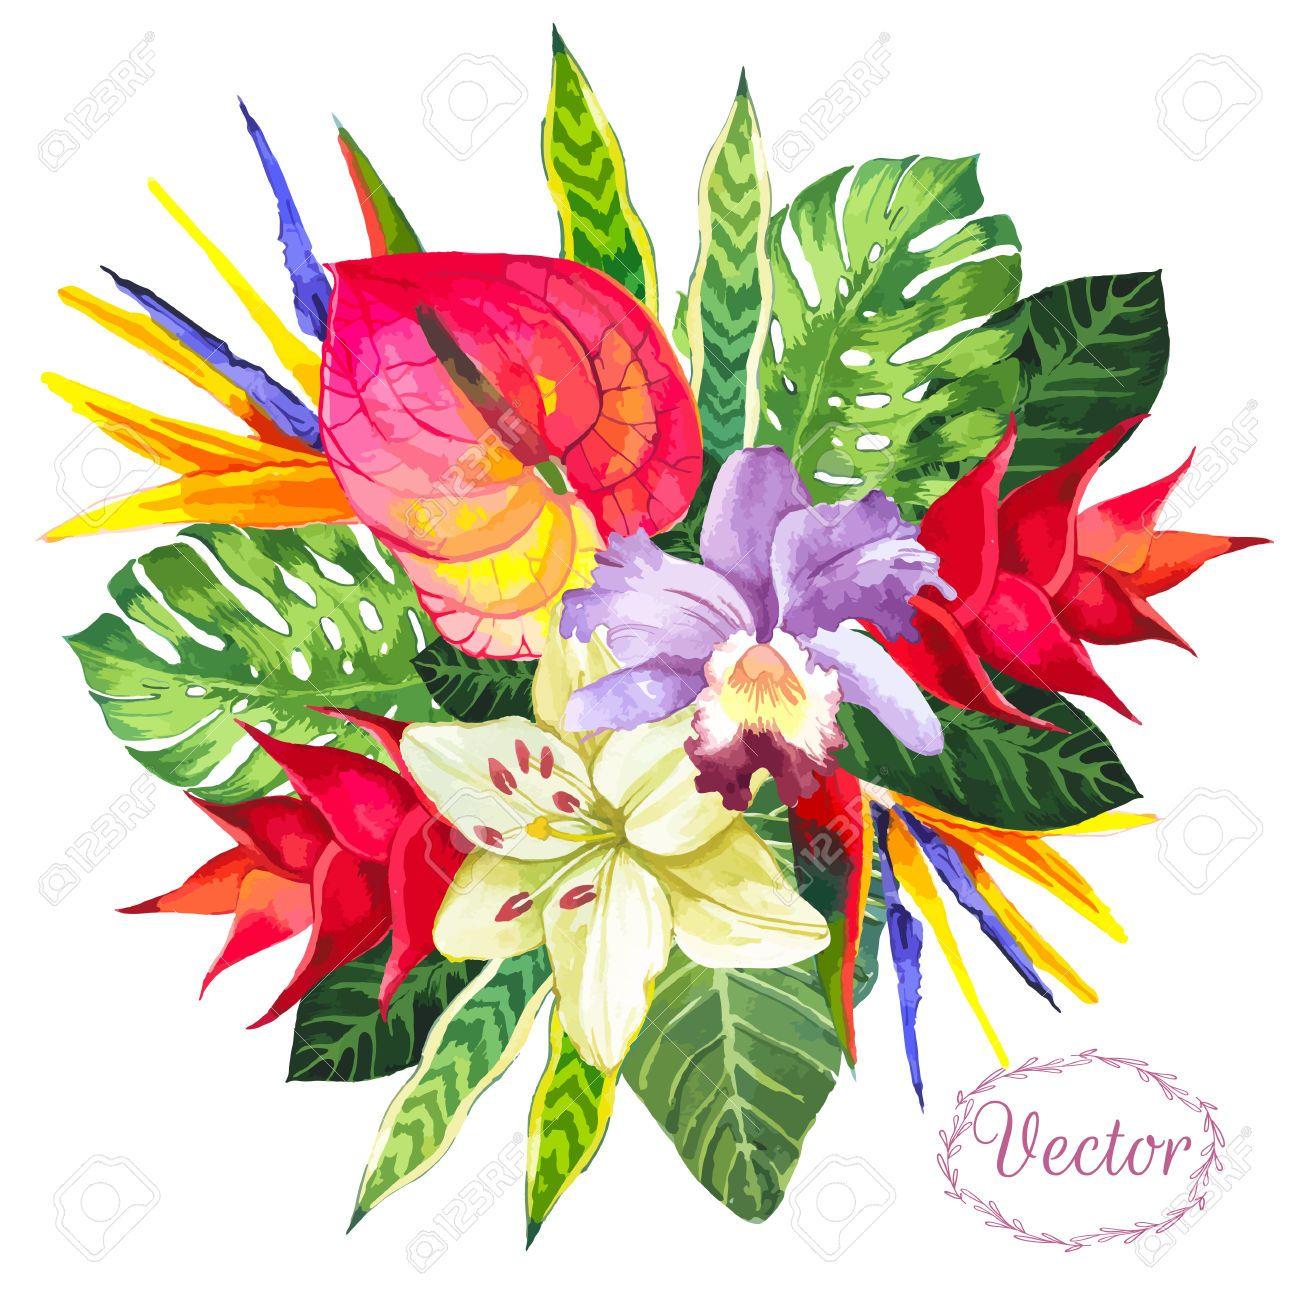 похожее изображение фоамиран Dessin Bouquet De Fleurs